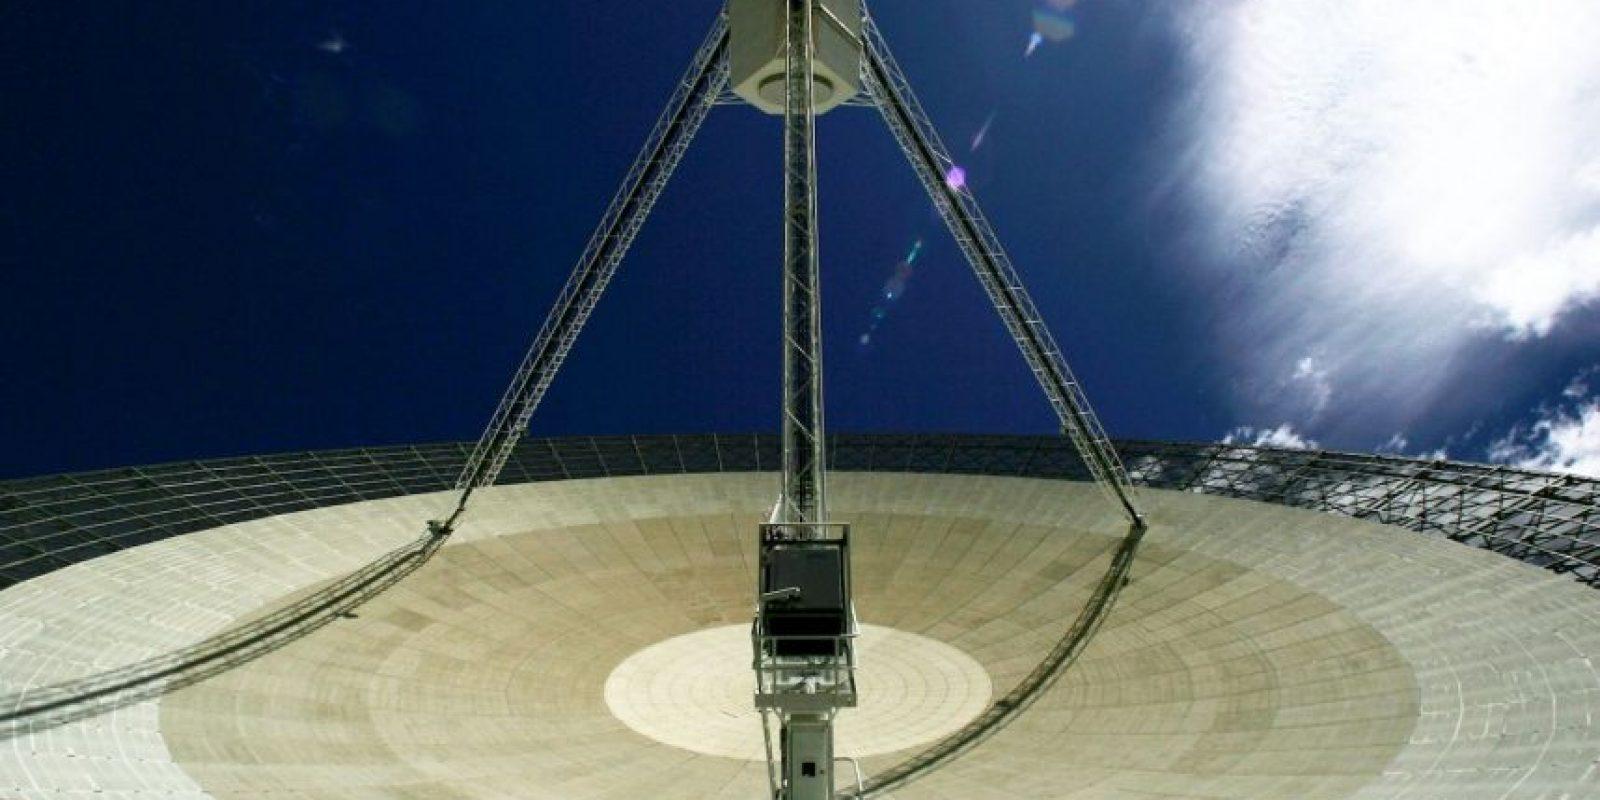 Desde 1998, los astrónomos que operan el radiotelescopio Parkes, llevan detectando una misteriosa señal, que hasta ahora se descubrió eran perytons, provenientes de un microondas. Foto:Getty Images